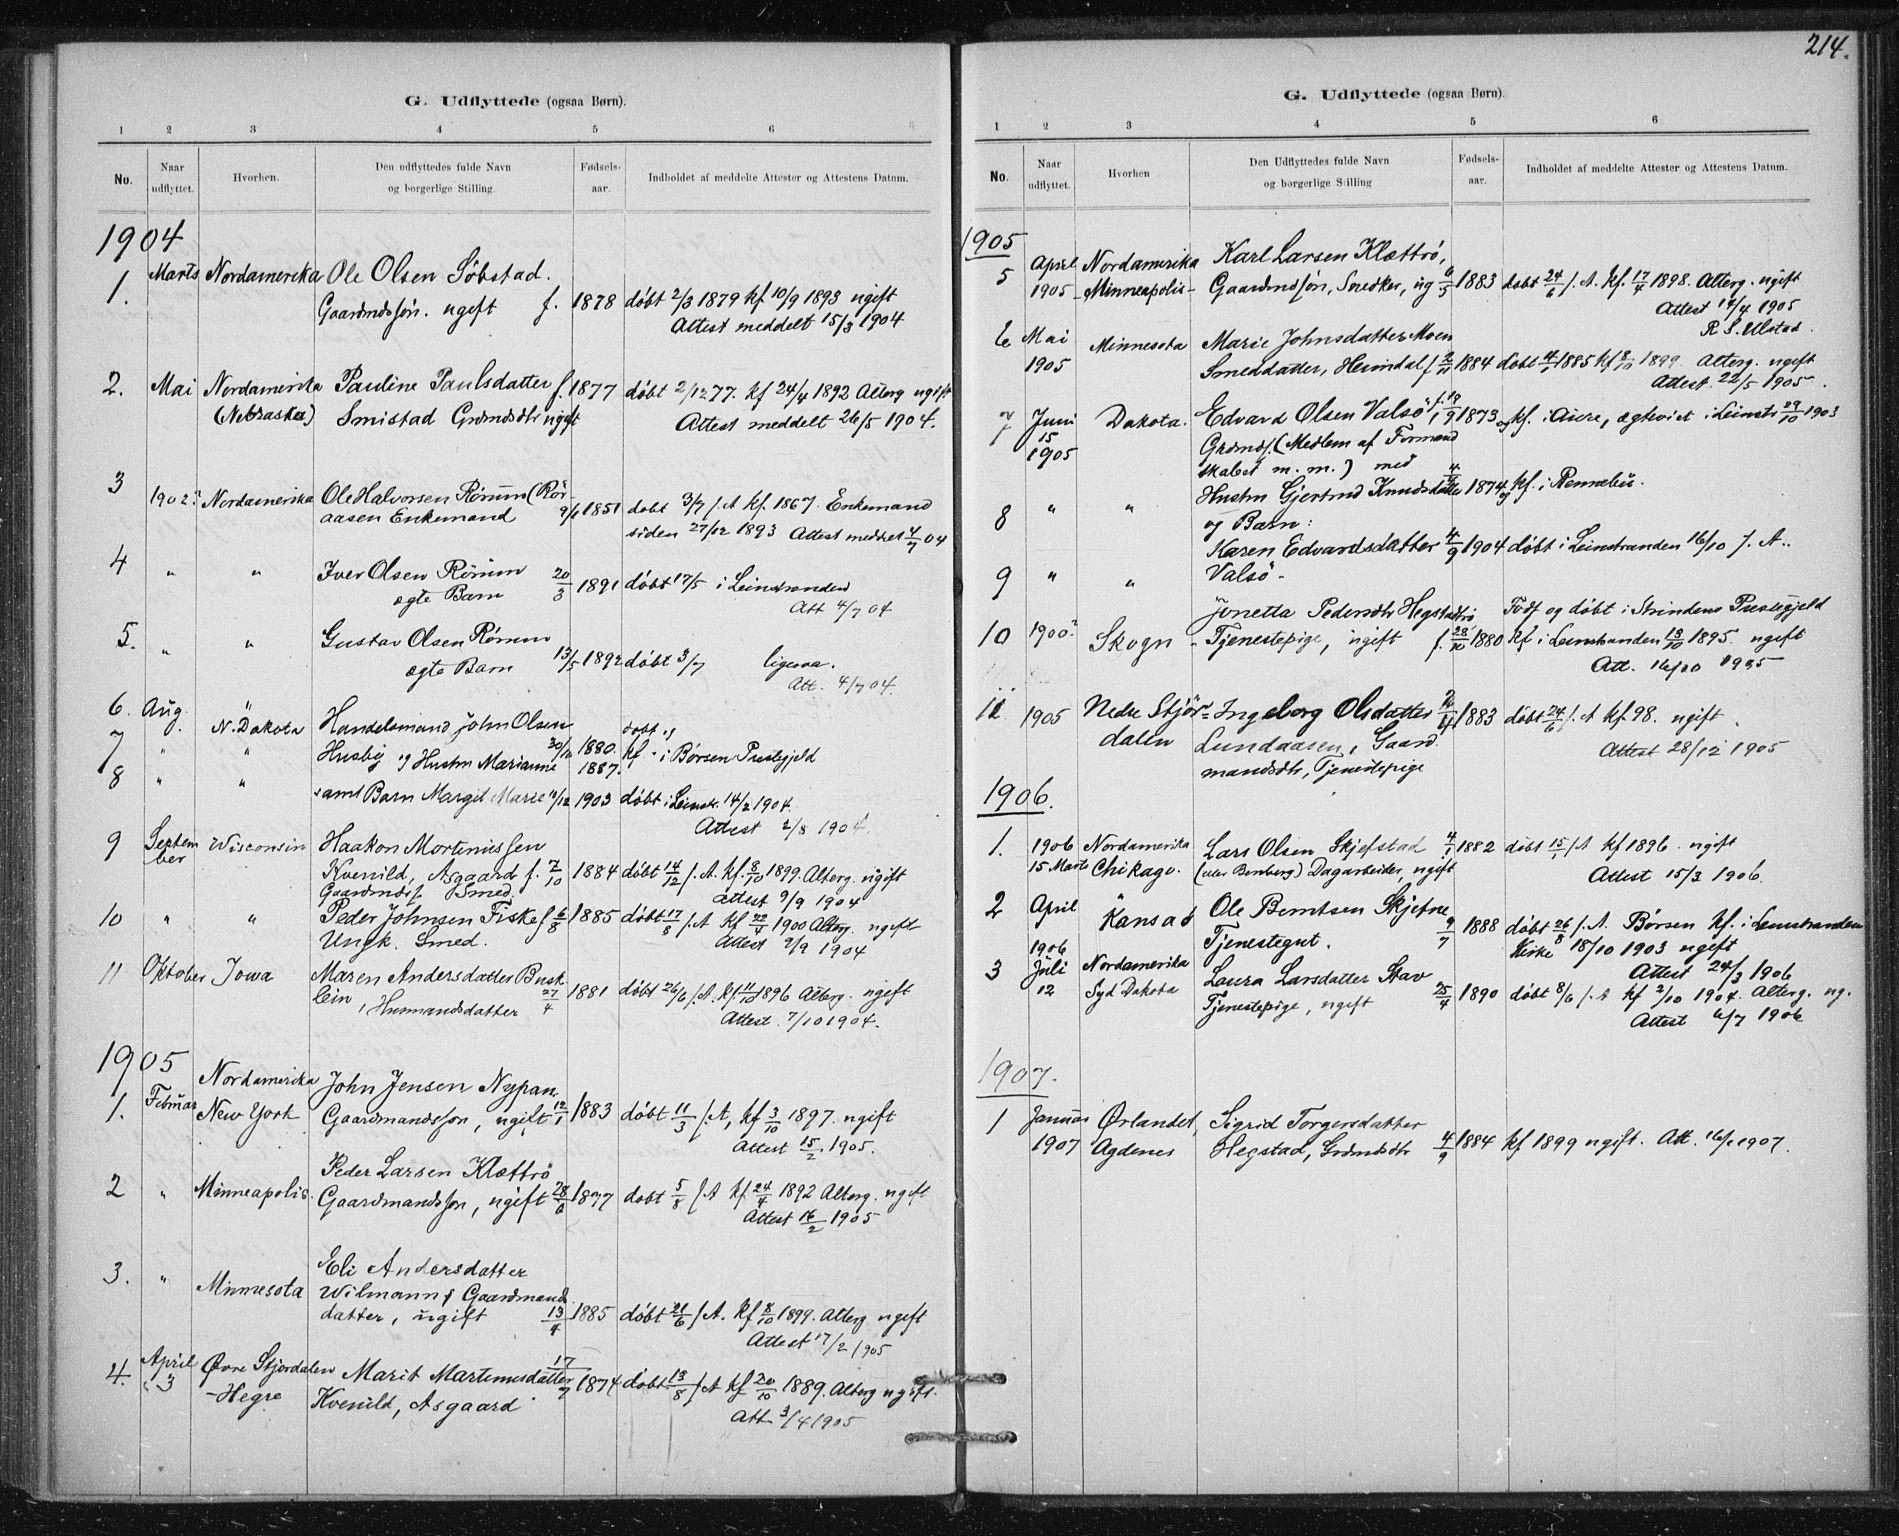 SAT, Ministerialprotokoller, klokkerbøker og fødselsregistre - Sør-Trøndelag, 613/L0392: Ministerialbok nr. 613A01, 1887-1906, s. 214